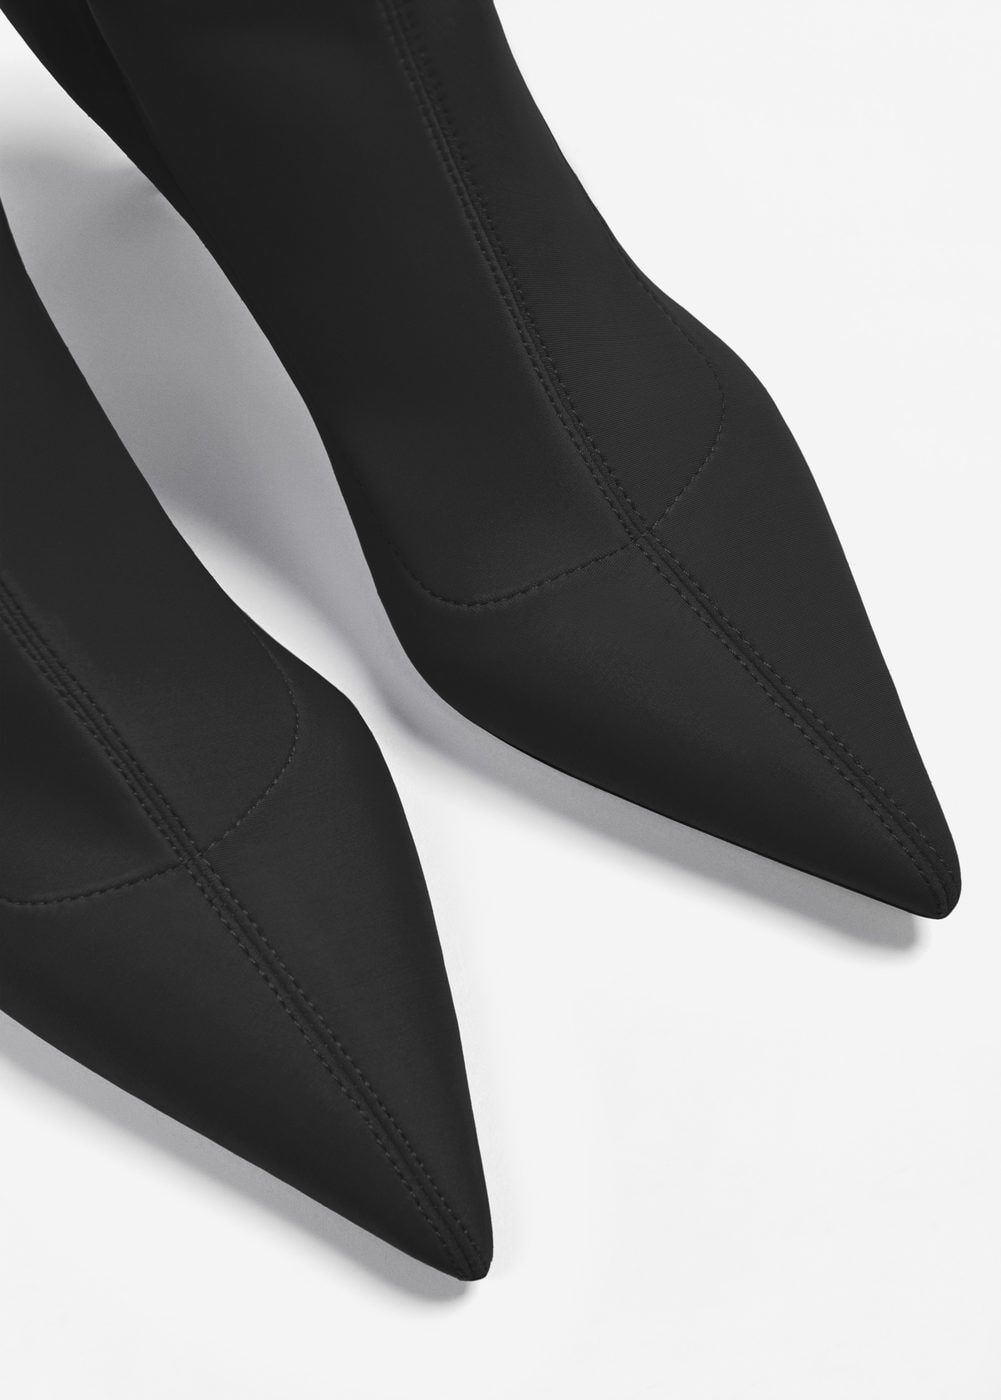 Schuhe von Mango für Frauen günstig online kaufen bei